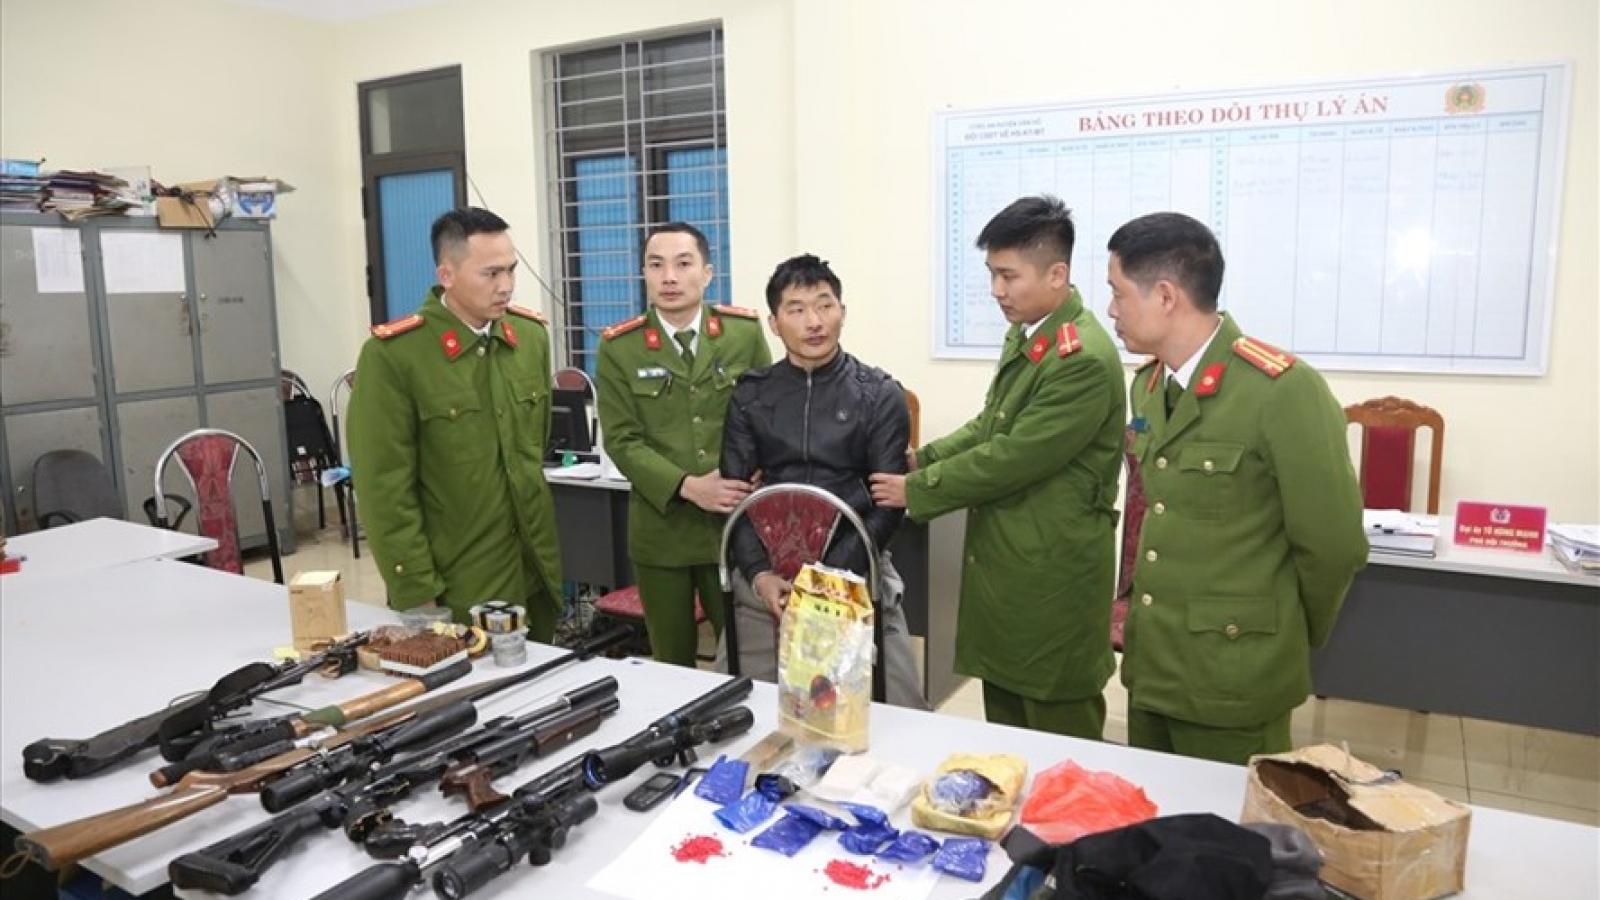 Sơn La bắt đối tượng tàng trữ ma túy, thu giữ số lượng lớn vũ khí